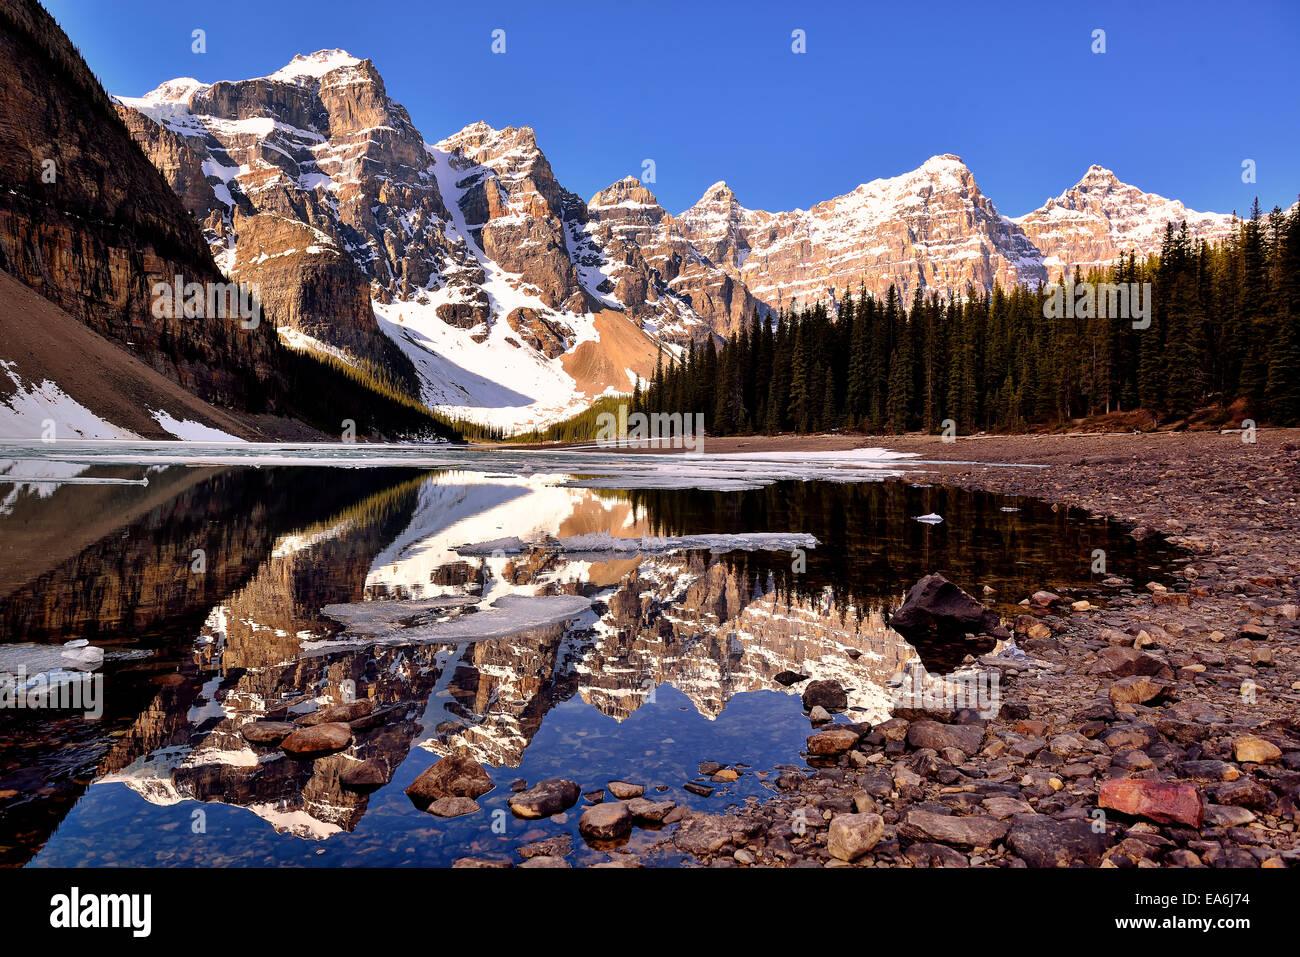 Kanada, Banff National Park, Blick auf Moraine Lake und Valley of the Ten Peaks Stockbild